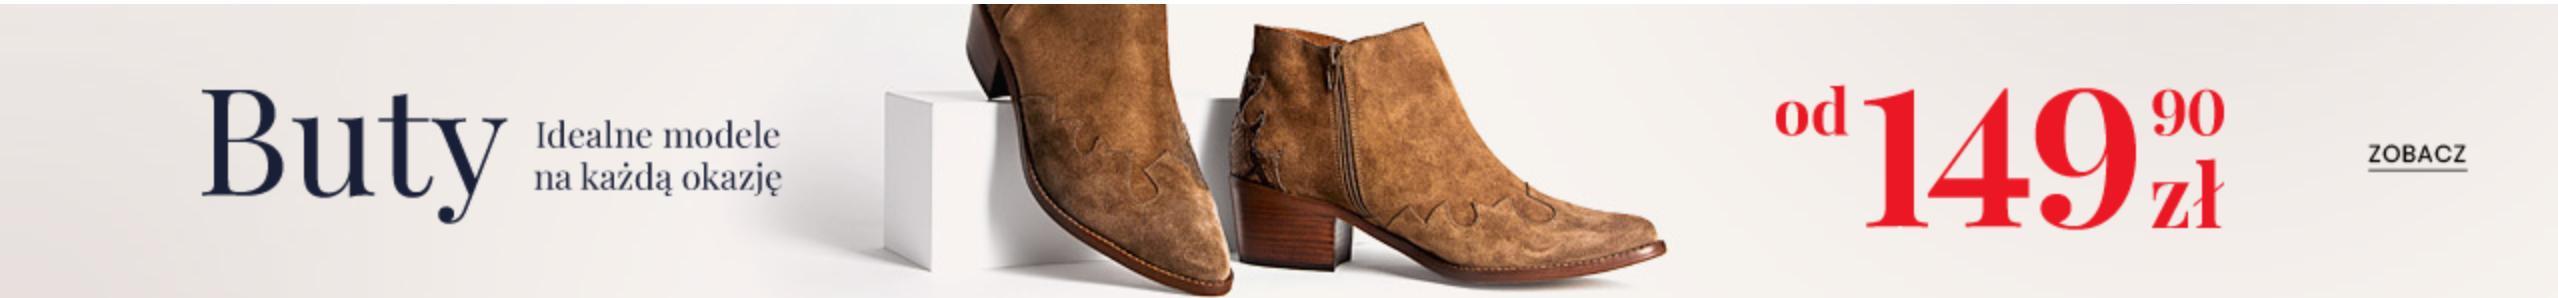 Wittchen: buty damskie i męskie od 149,90 zł